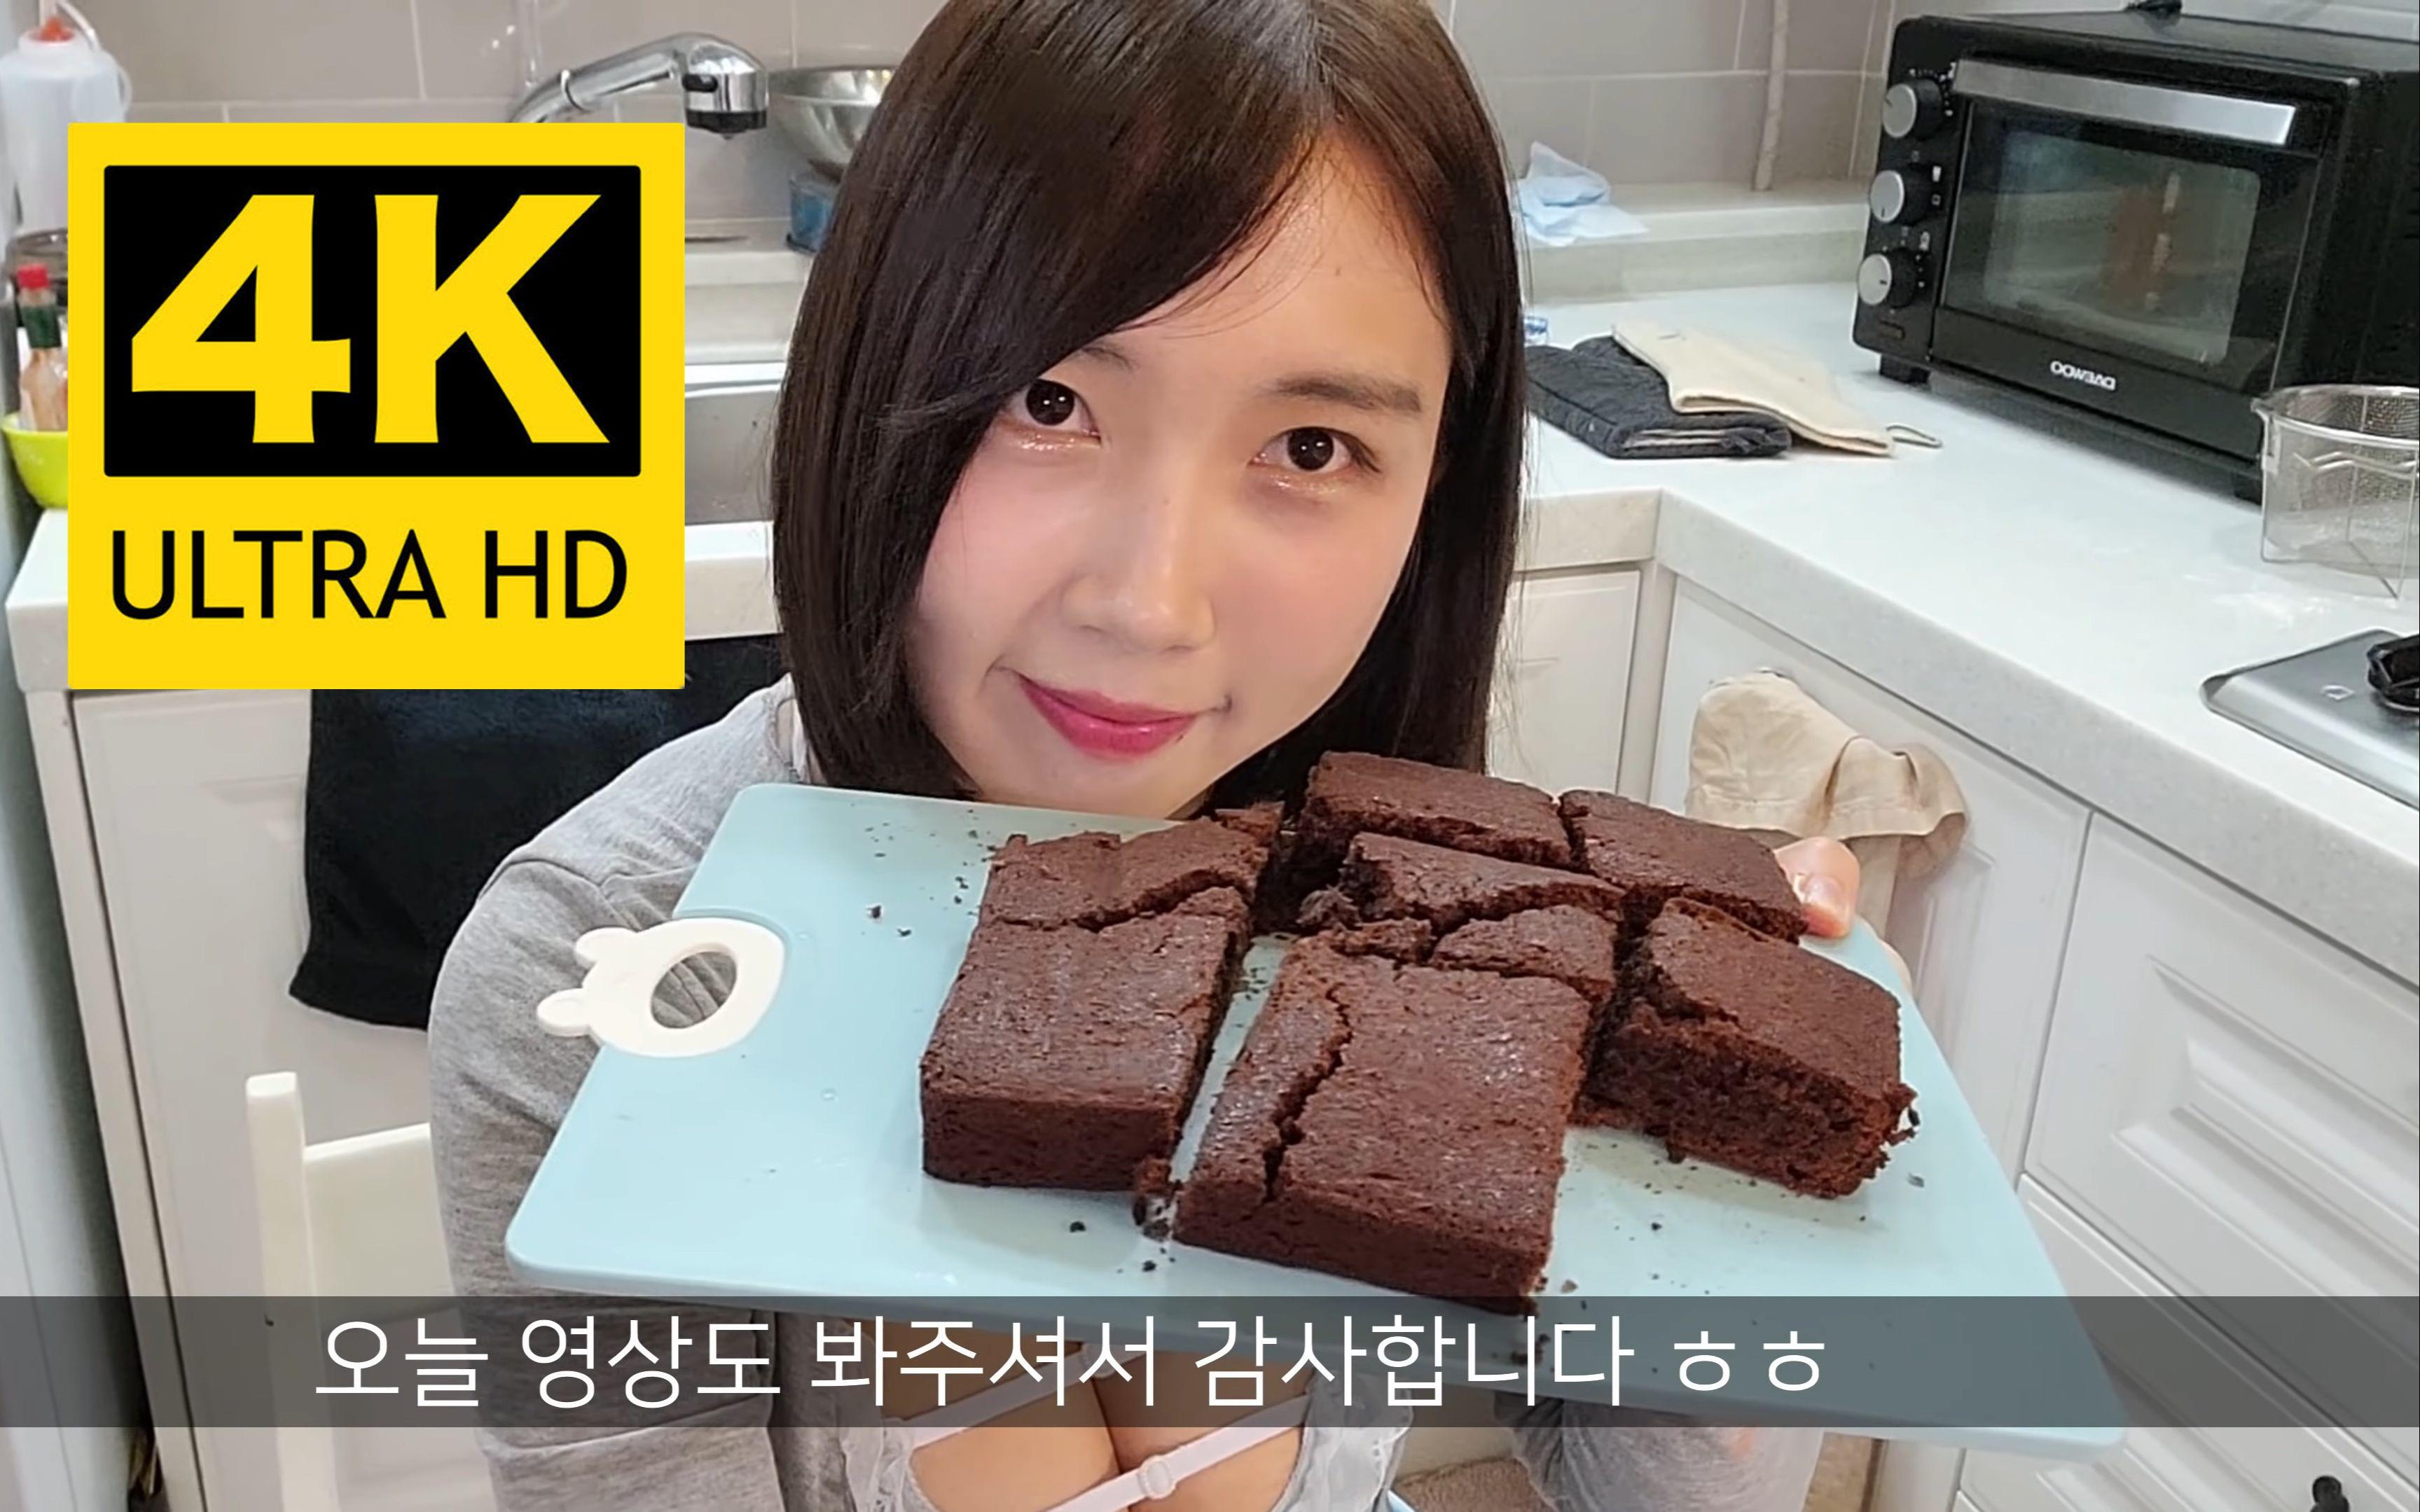 【4K】大姐姐巧克力蛋糕简单制作教程 / Velvet Tube / 机翻中文